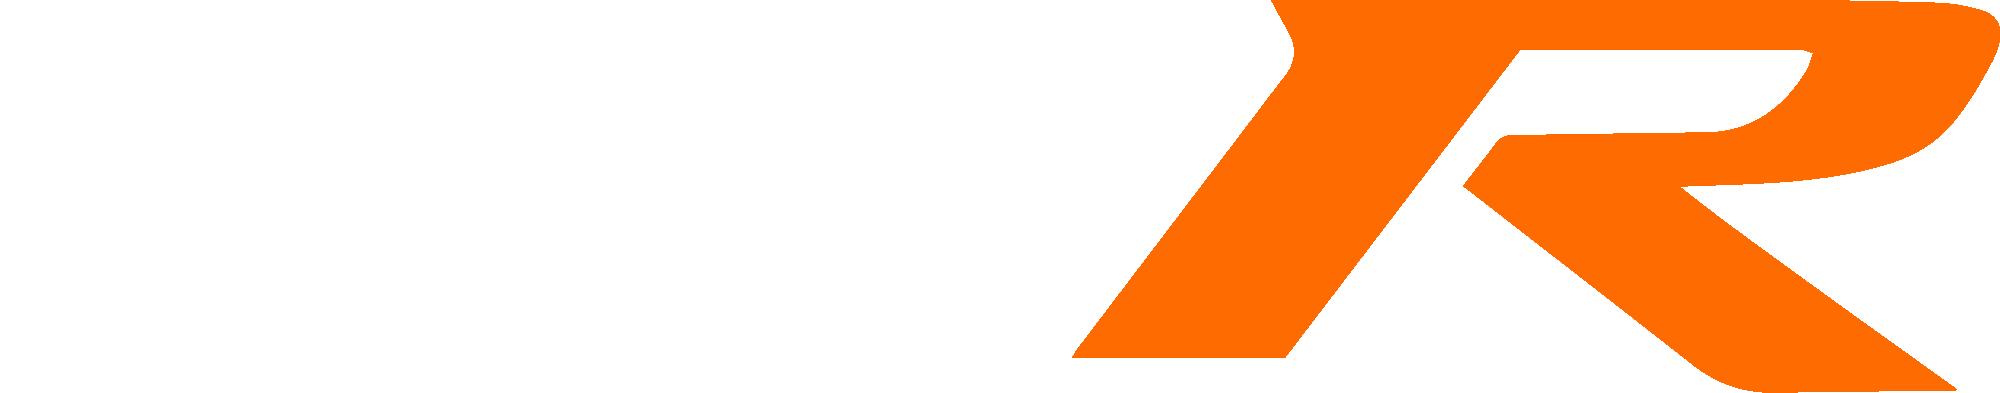 Civic Type R Logo.png